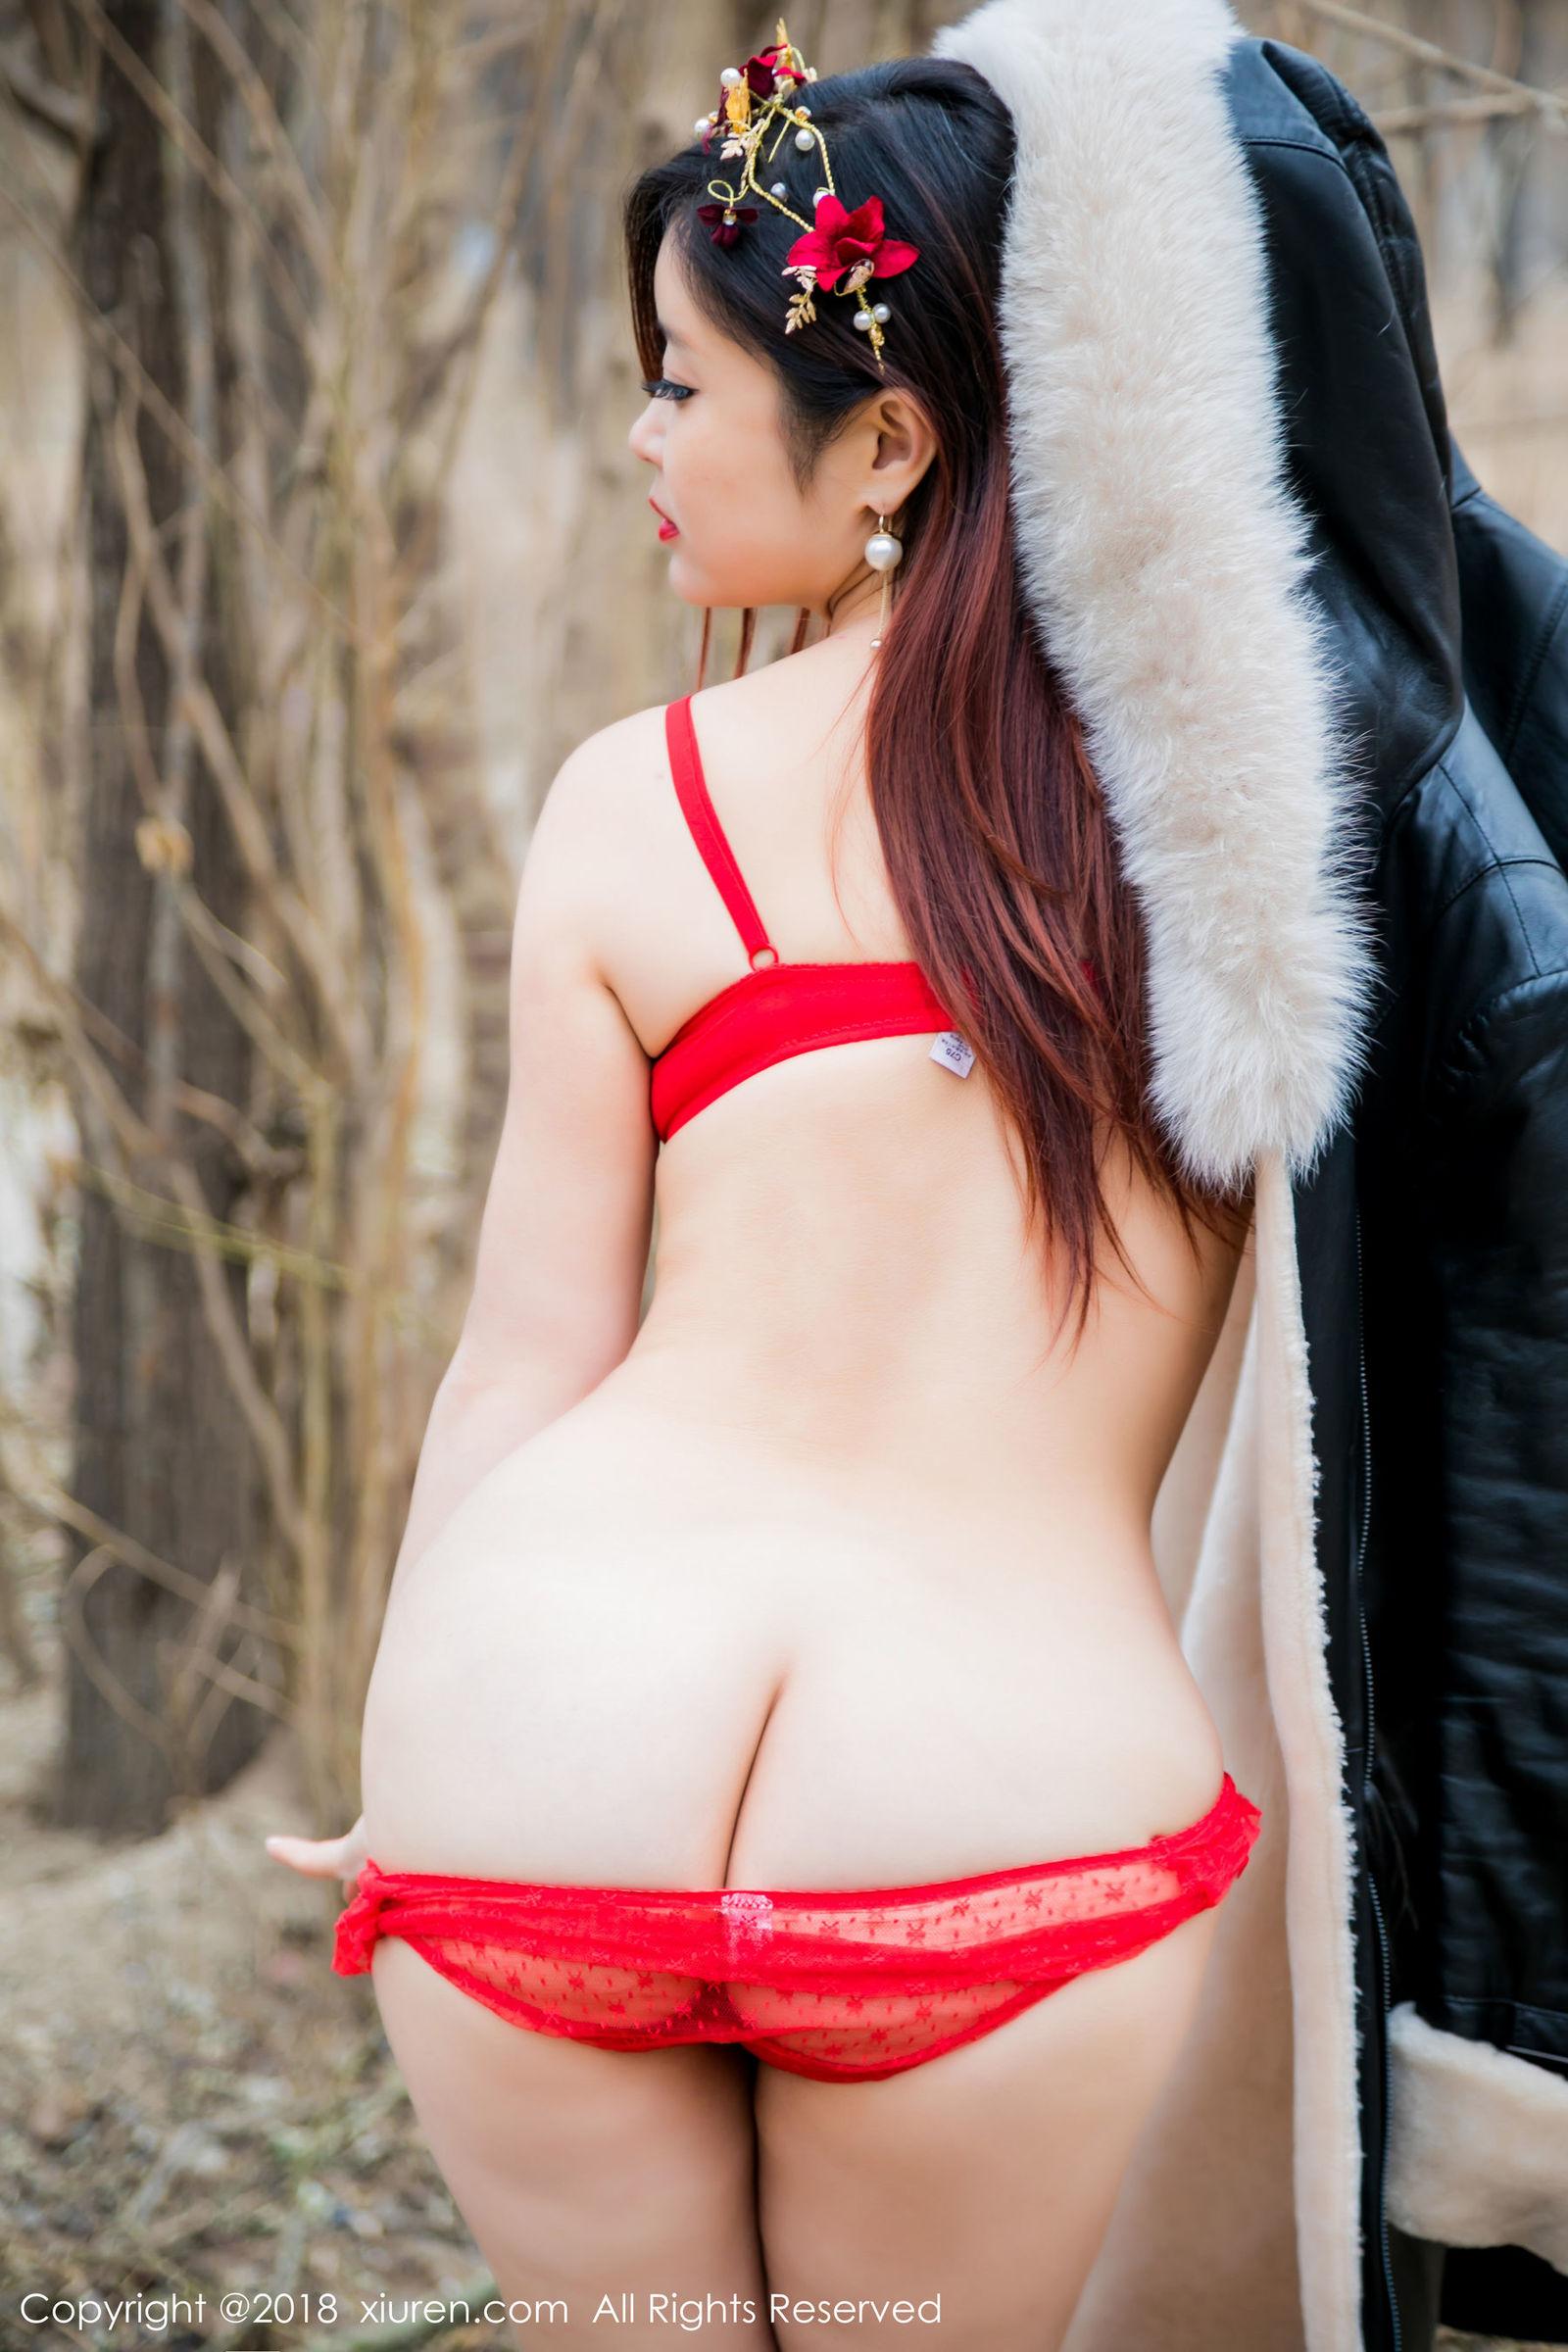 模特@西希白兔室外性感写真